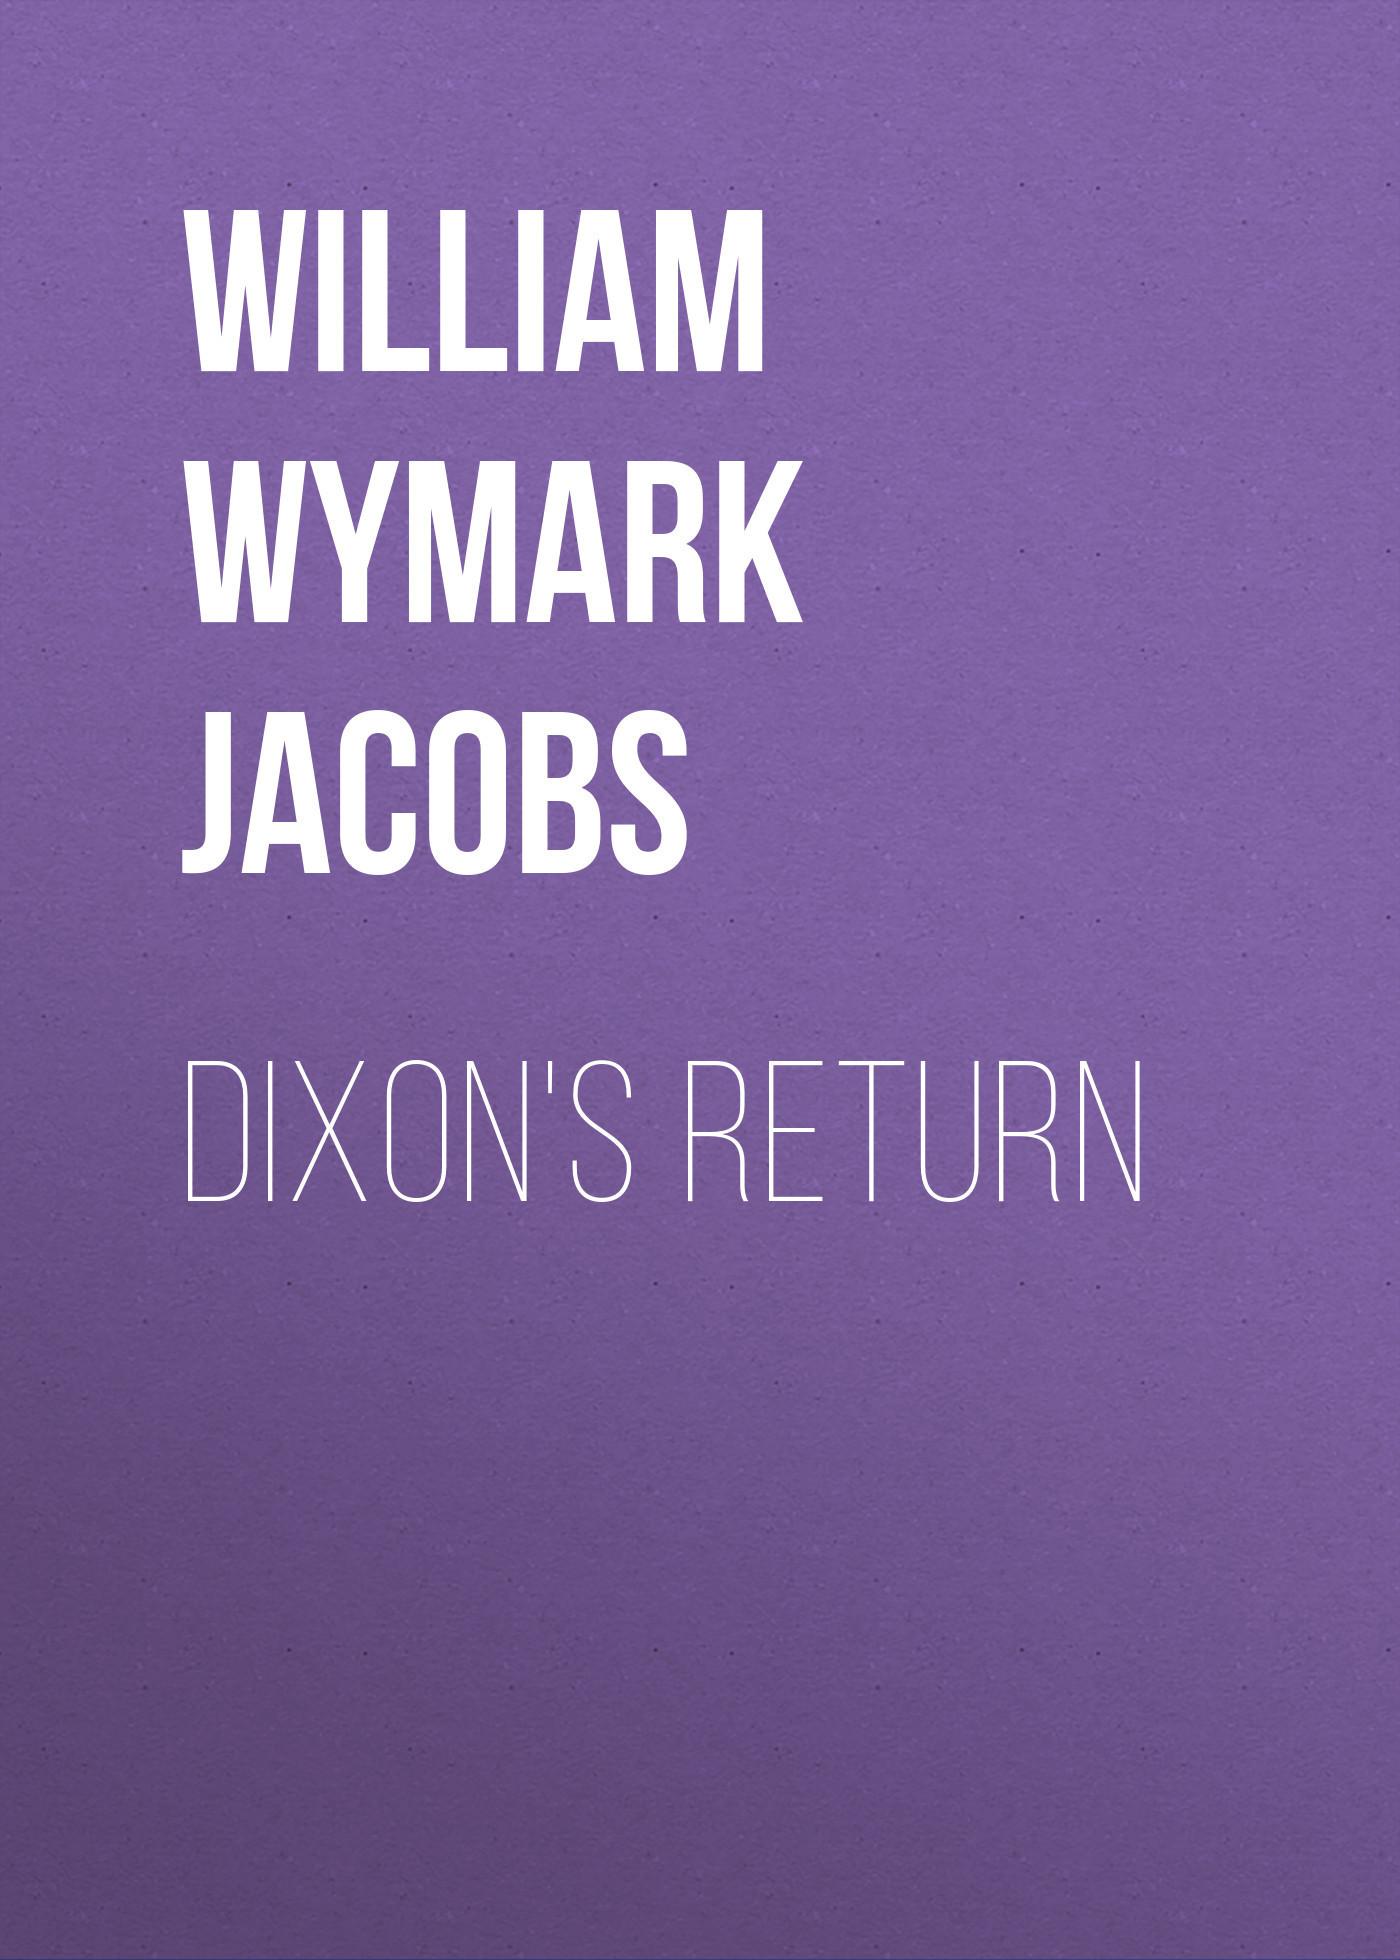 William Wymark Jacobs Dixon's Return